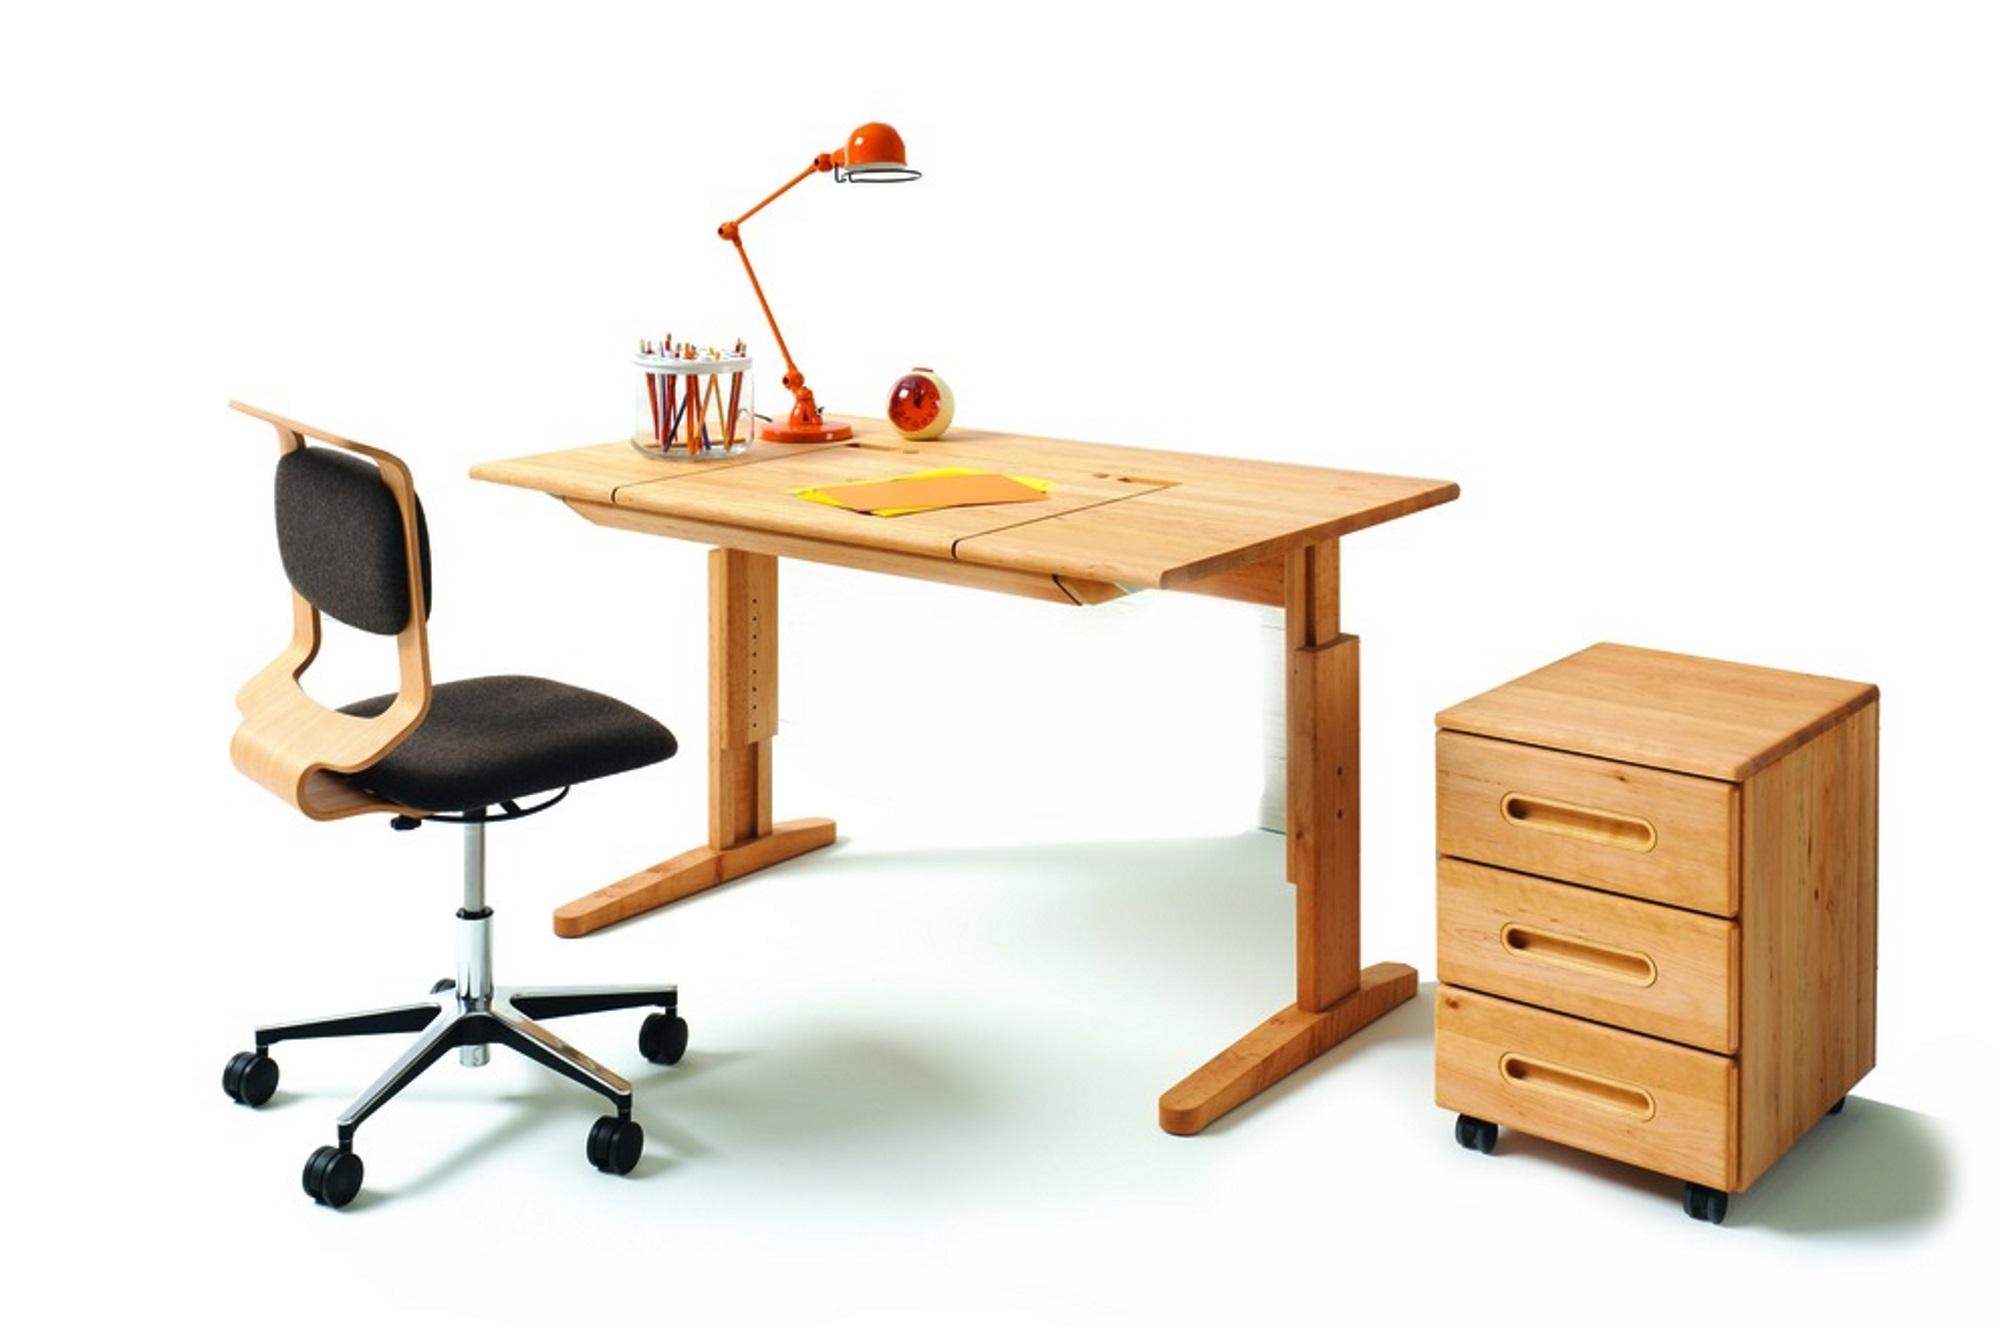 Astounding Schreibtisch Mit Rollcontainer Foto Von Schreibtisch-drehstuhl Mobile Und Mobile